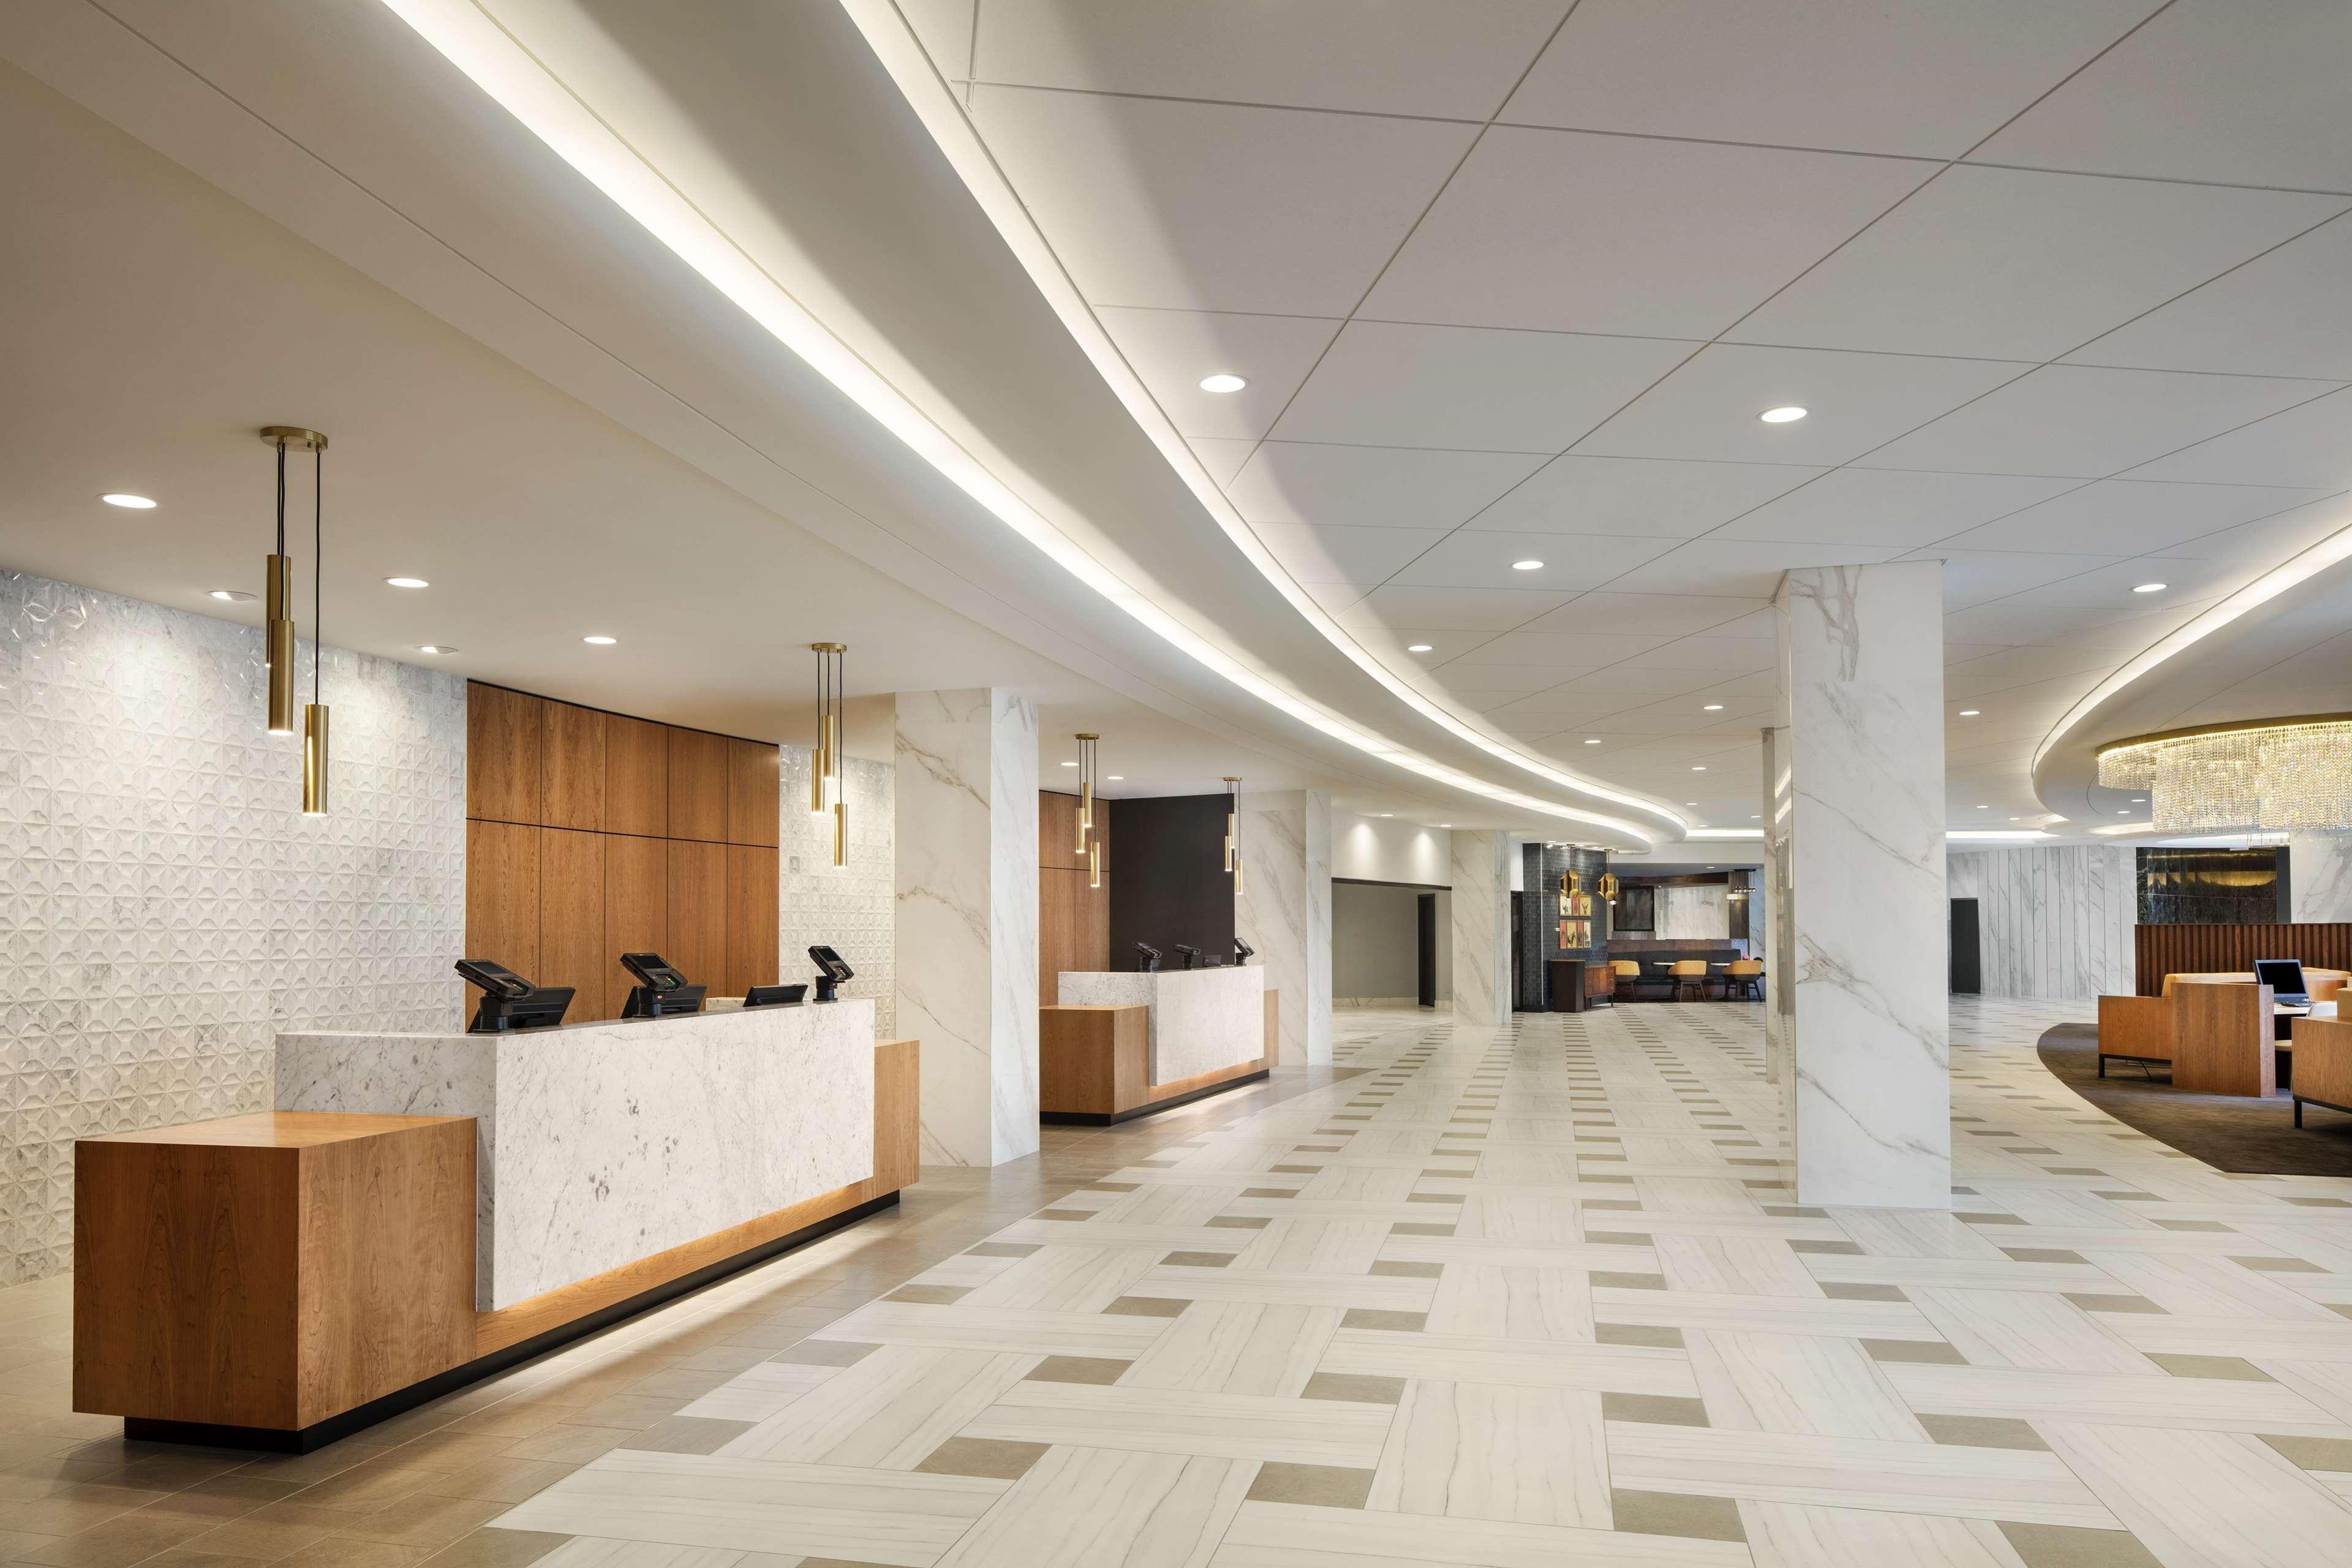 Washington Hilton image 1